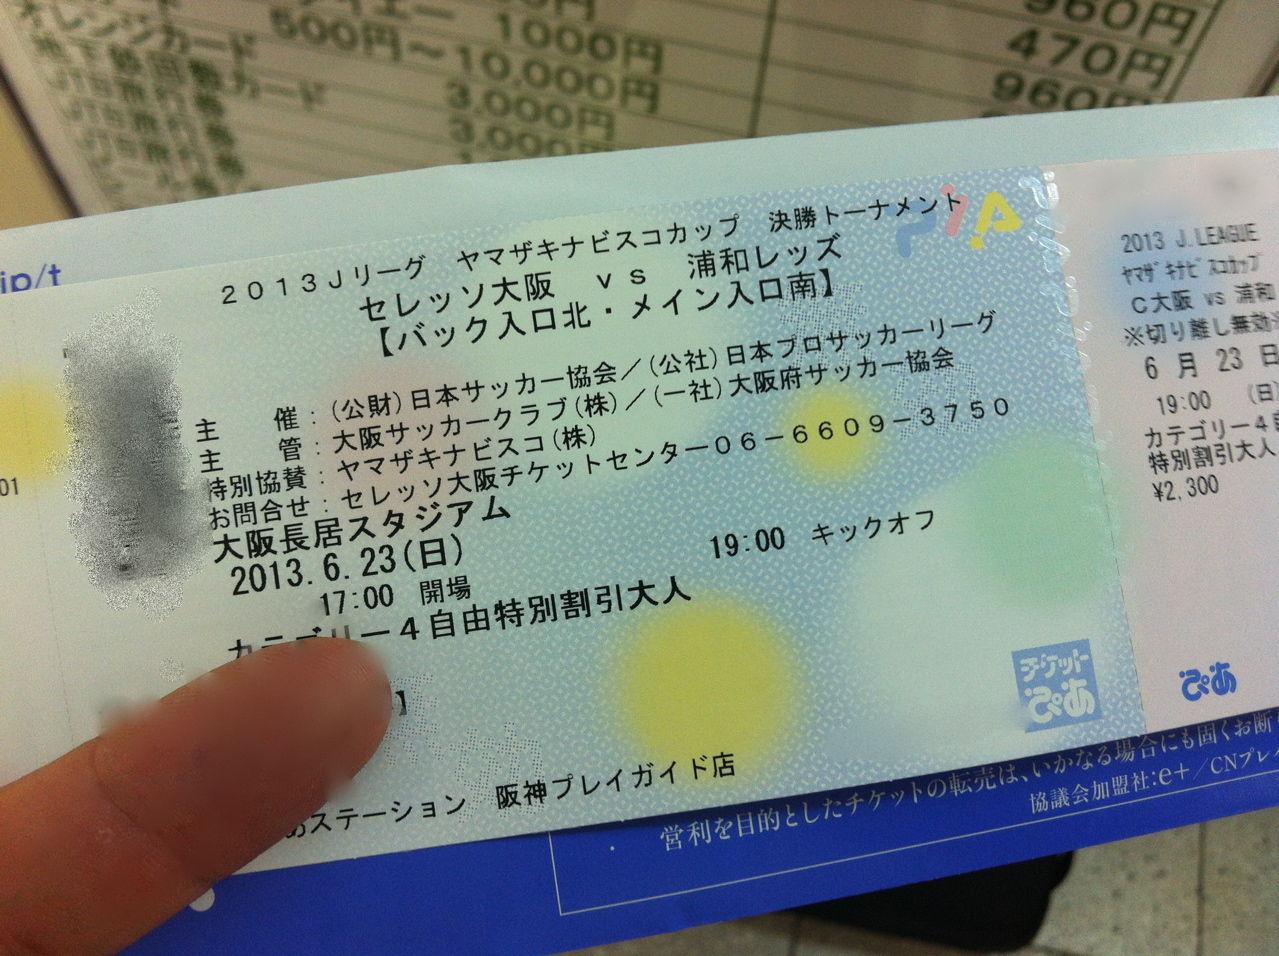 ナビスコ杯2013、セレッソ大阪×浦和レッズの入場券